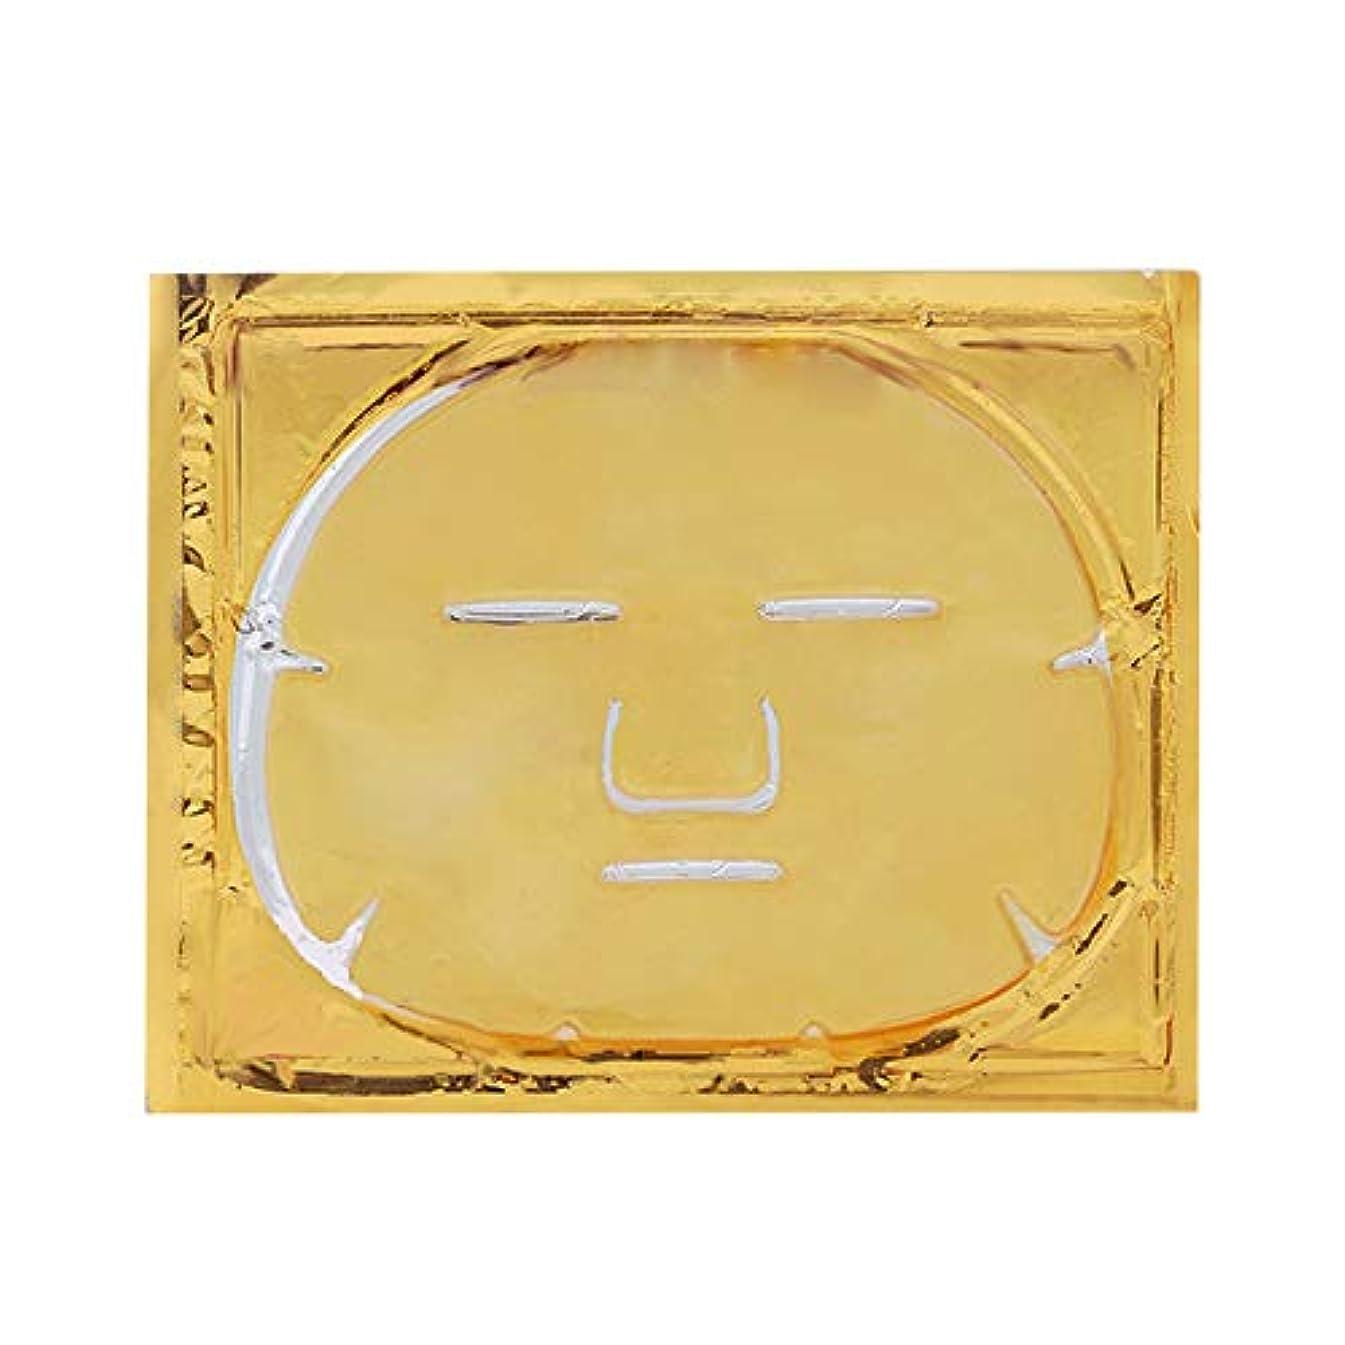 微生物月面リズミカルなTOOGOO ゴールド ゲル コラーゲン 水晶フェイシャル?マスク シート パッチ アンチエイジング、美白、むくみ、しわ、保湿、深部組織の若返りと水分補給用